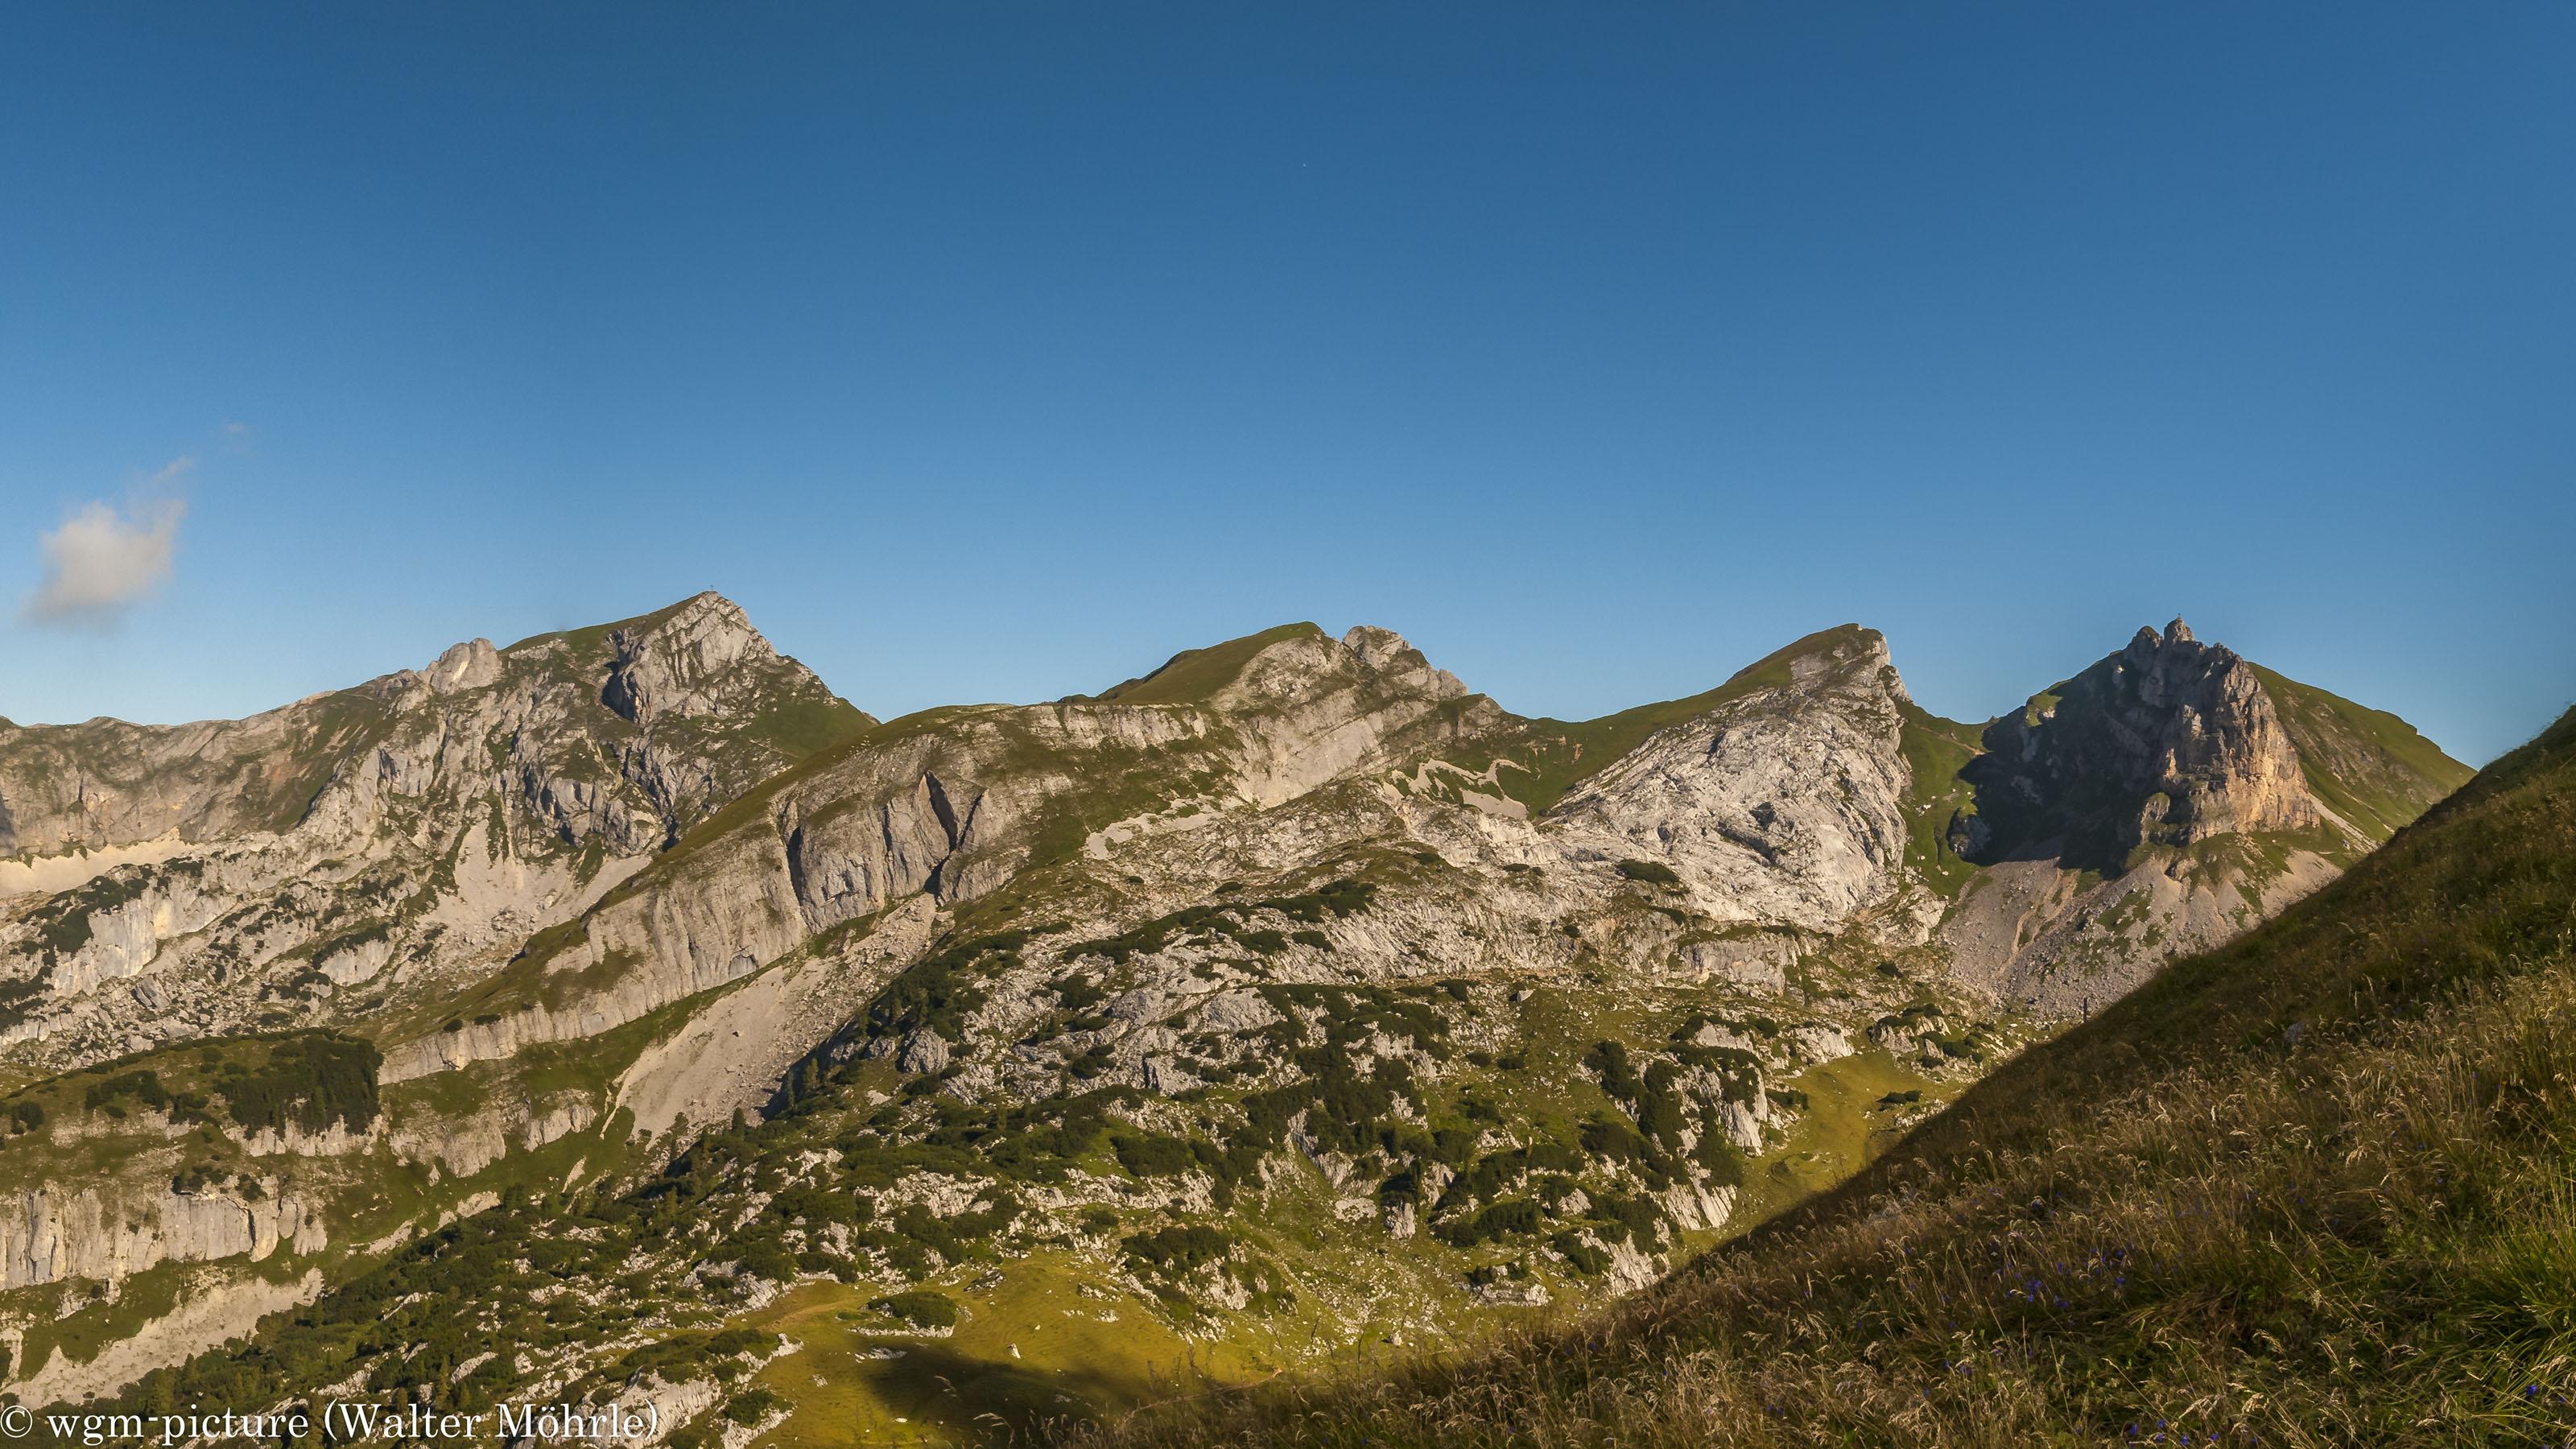 Klettersteig Achensee : Panorama achensee 5 gipfel klettersteig wgm picture